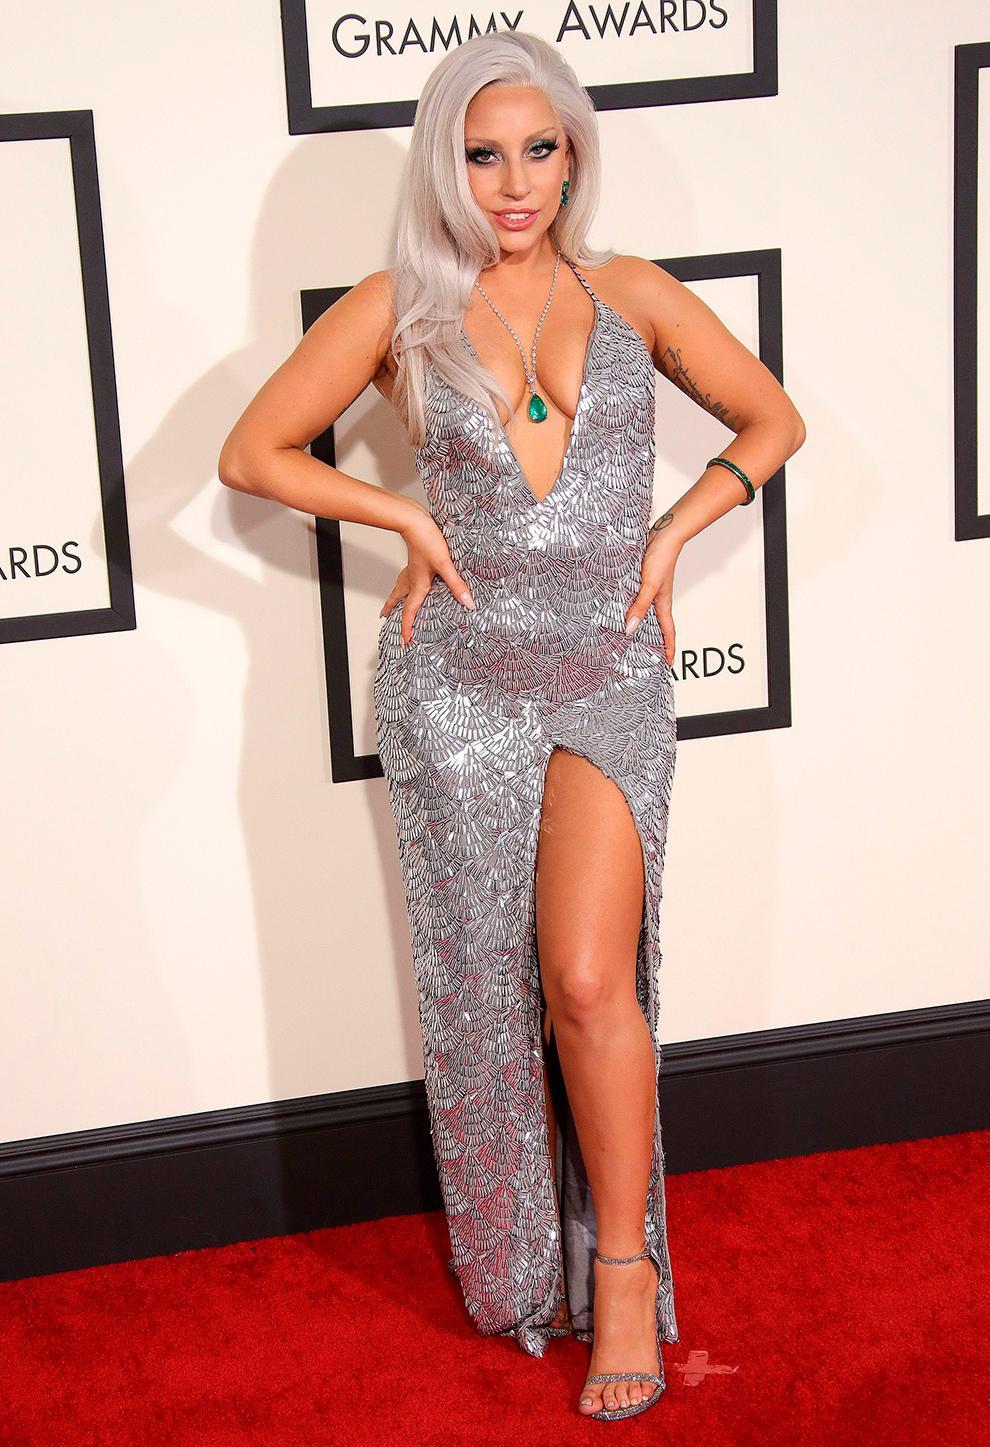 Tähdet tihkuivat seksiä Grammy-gaalassa - kuvagalleria!